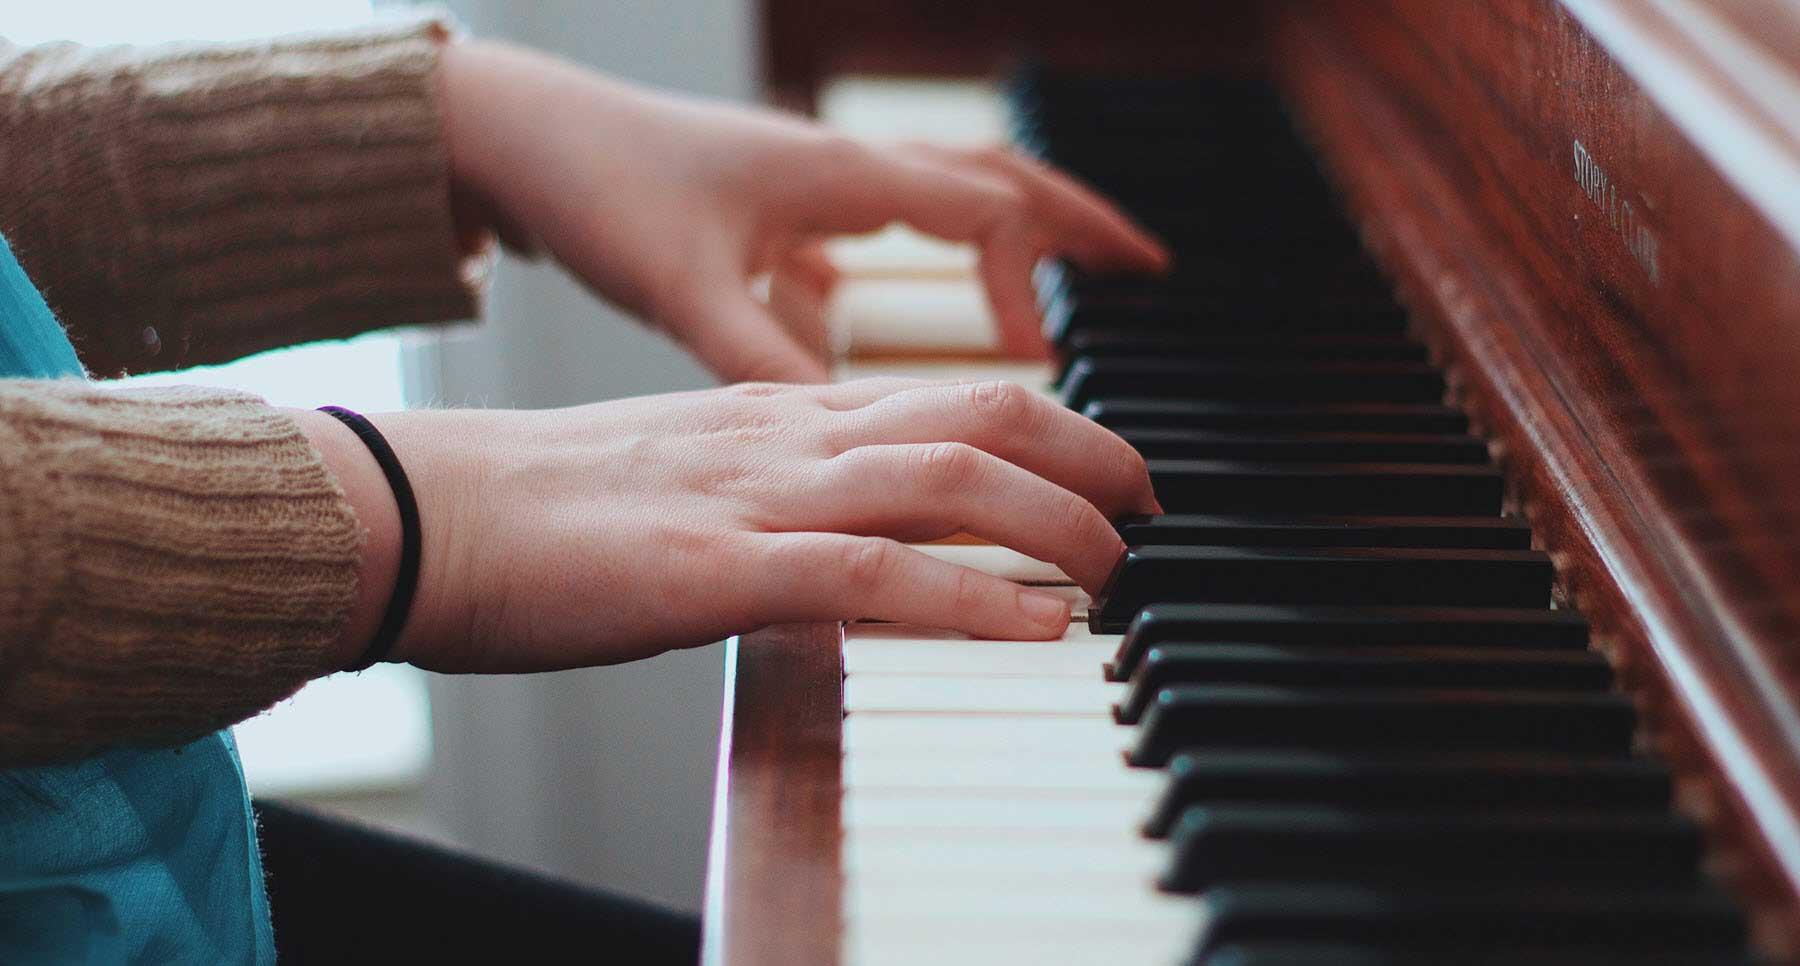 Woman Playing a Piano at Church